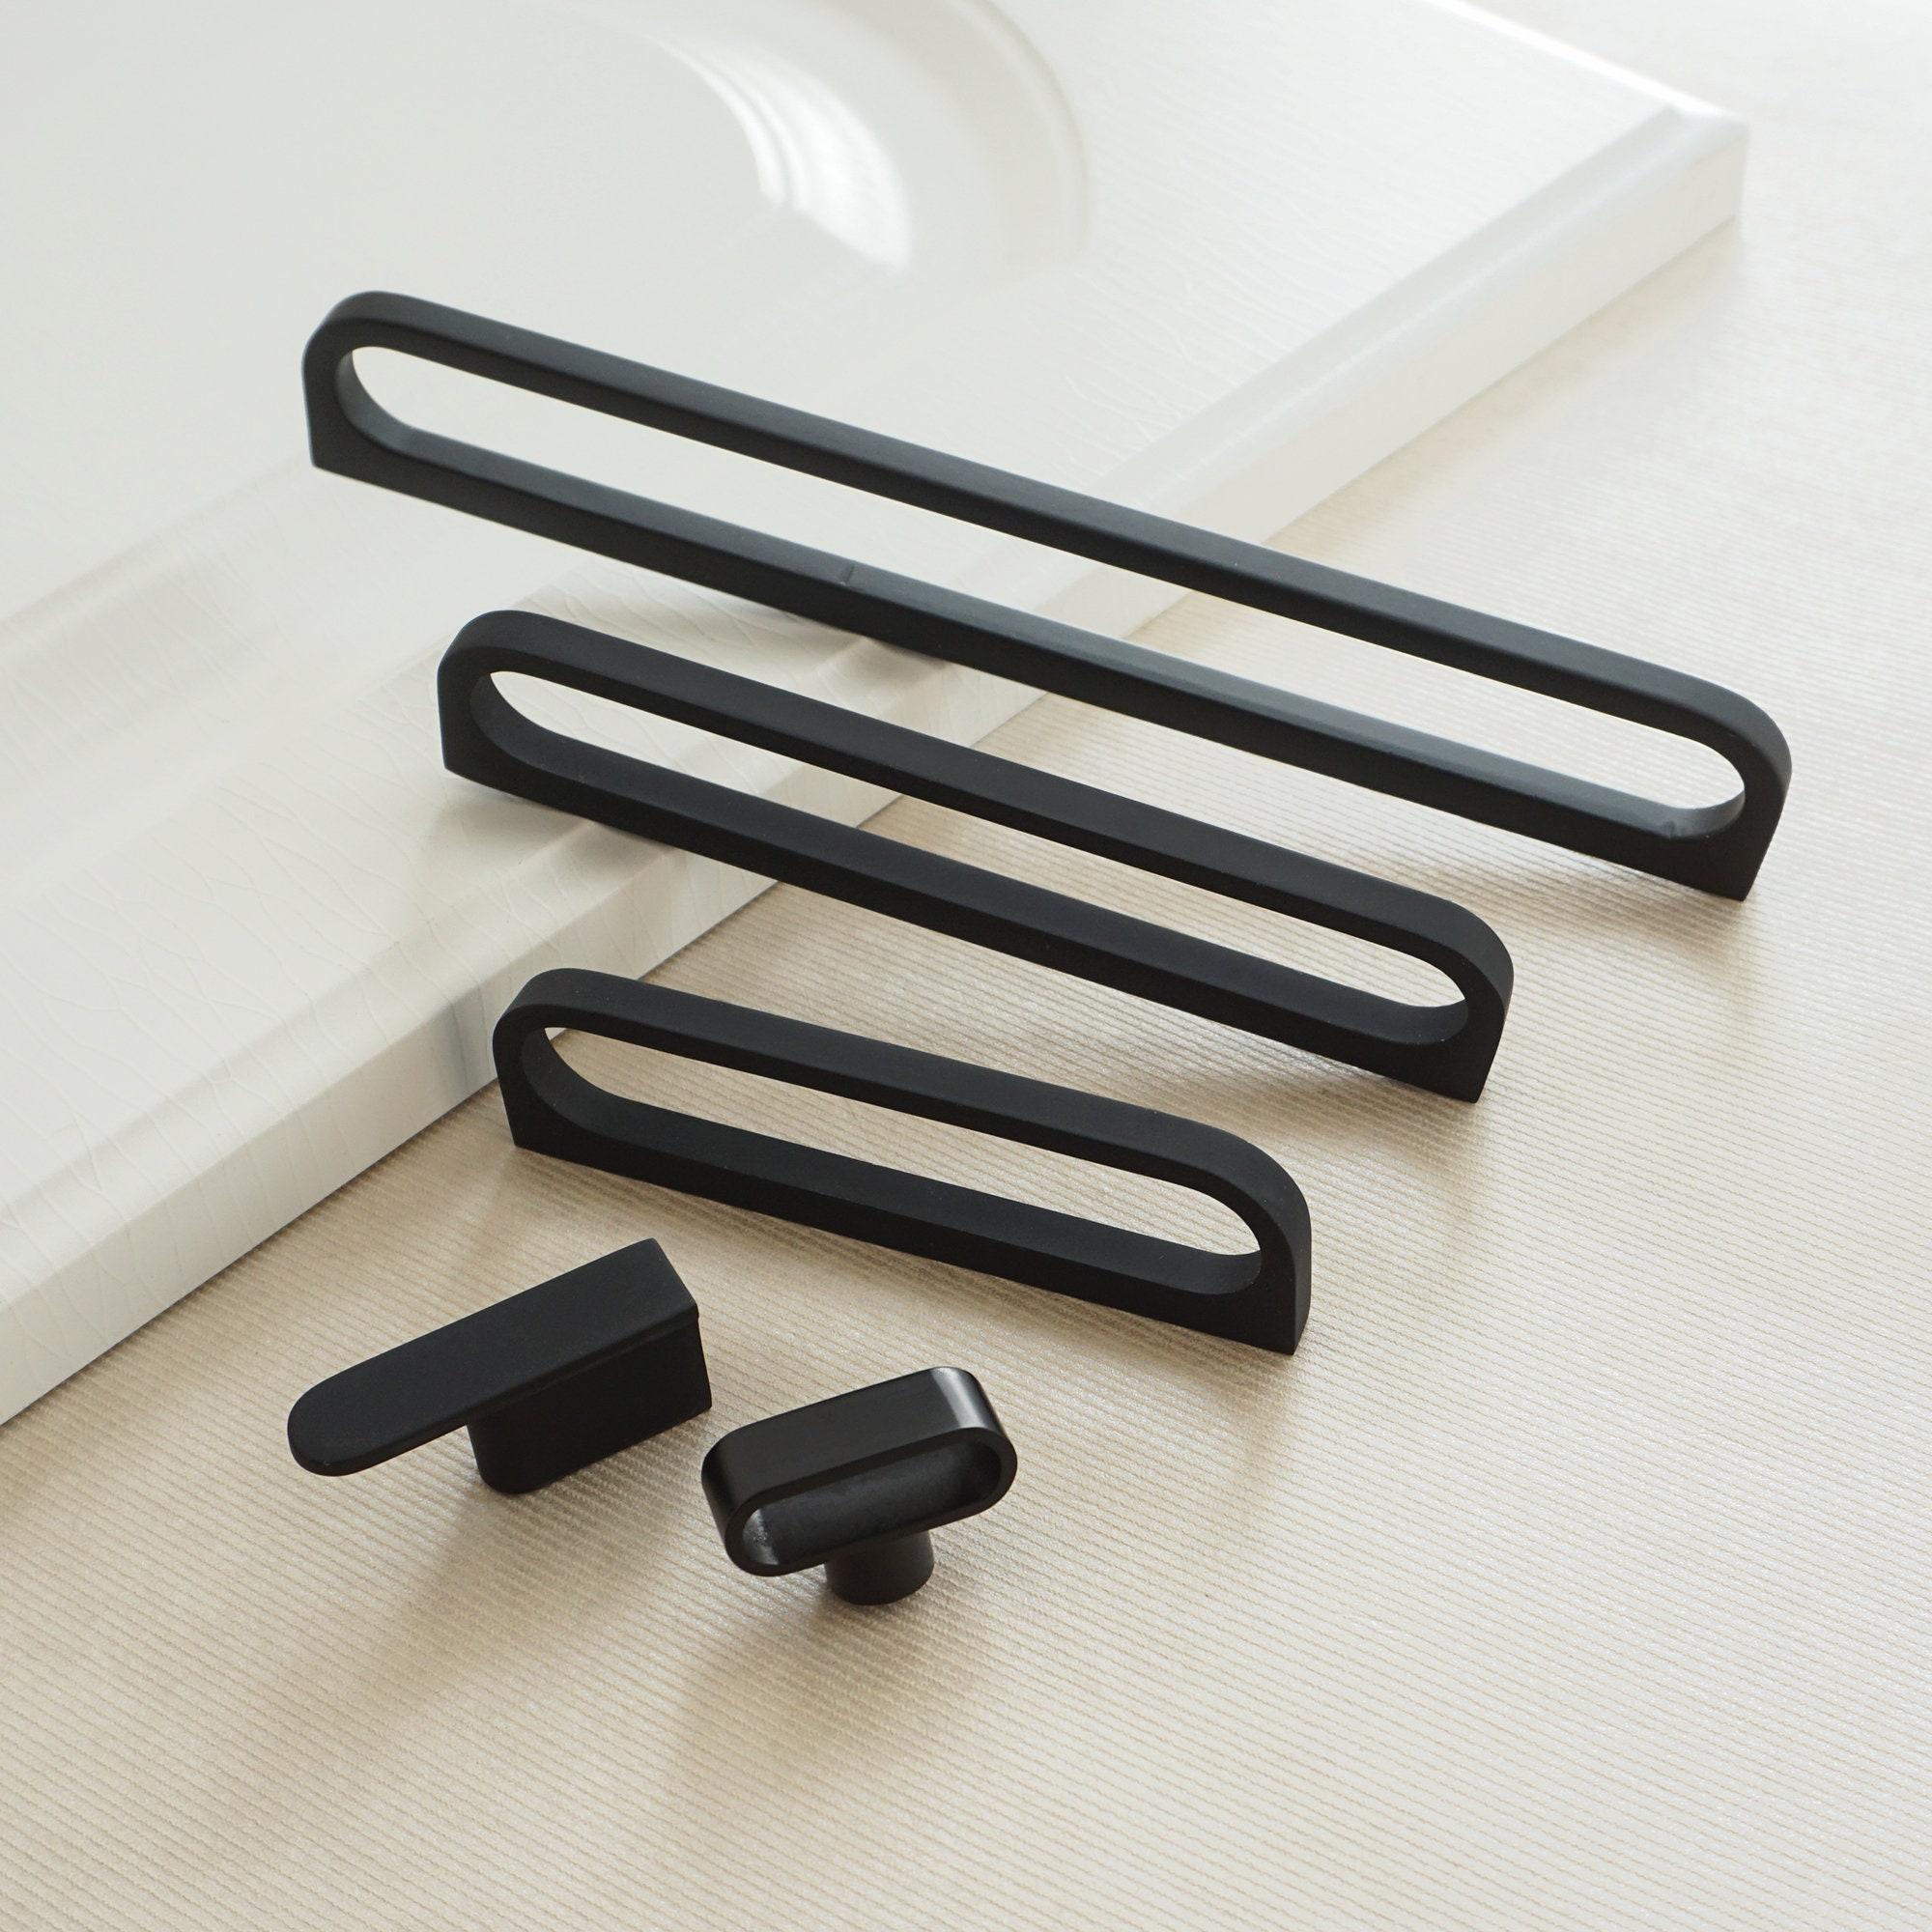 3 65 5 7 55 12 6 Modern Cabinet Handles Knobs Hardware Black Drawer Pulls Dresser Kitchen Hollow